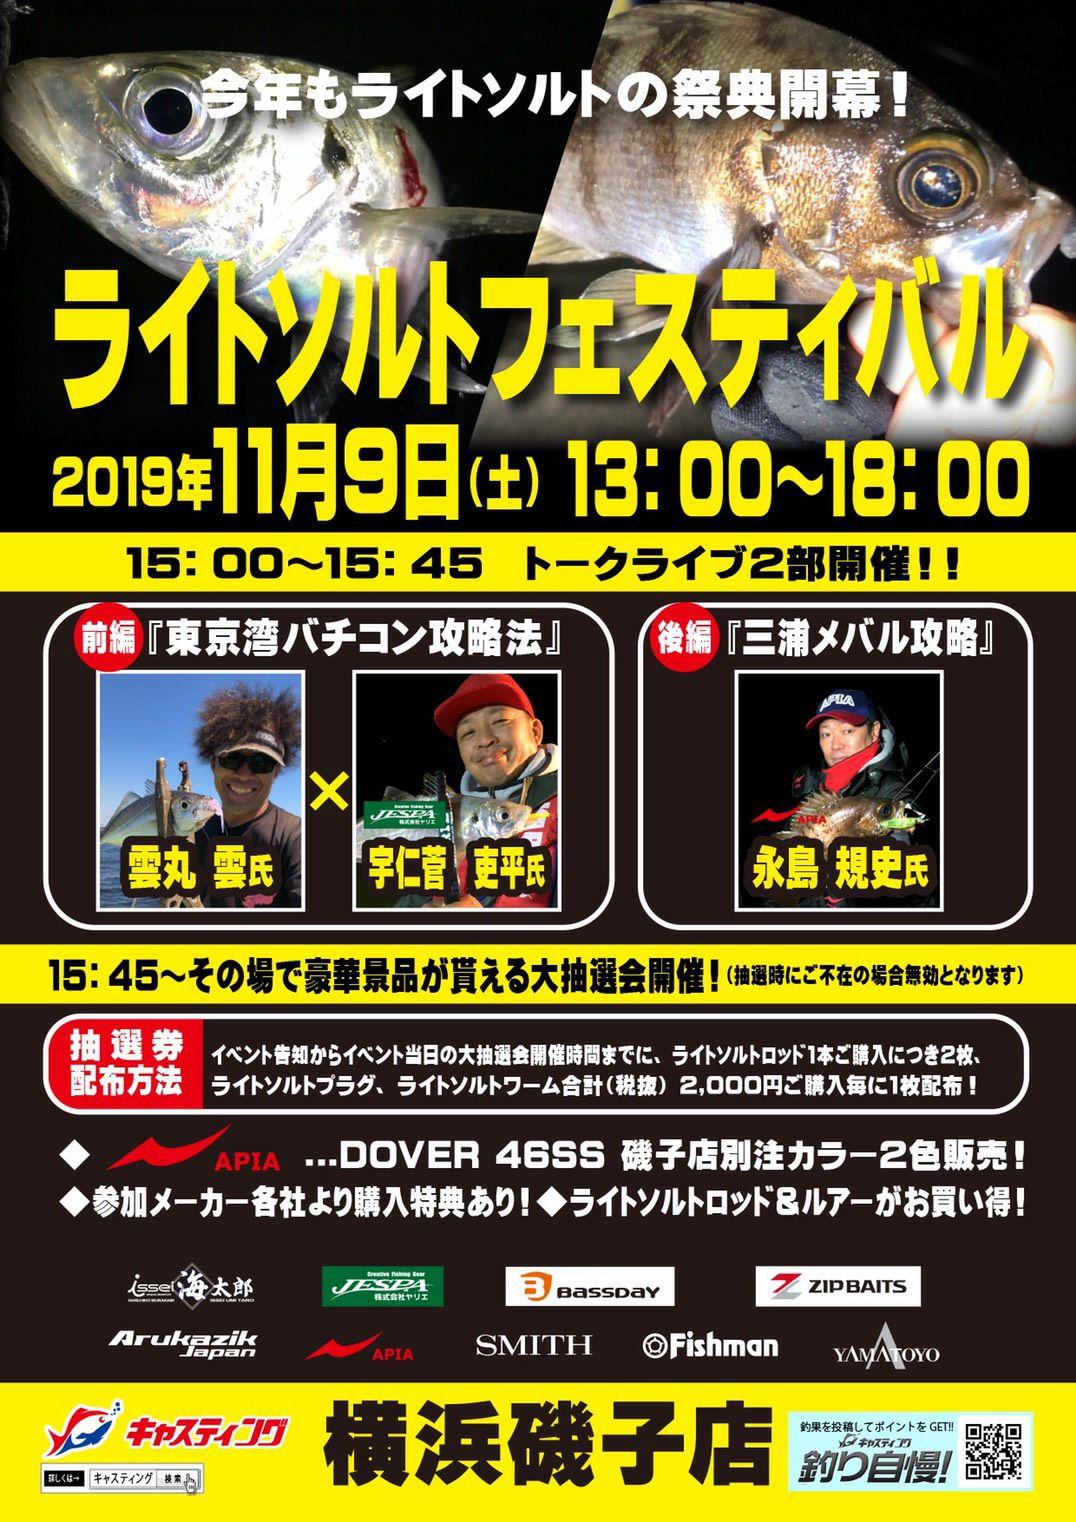 本日18時までキャスティング横浜磯子店様にて、Fishmanロッド全ラインナップを展示しております!